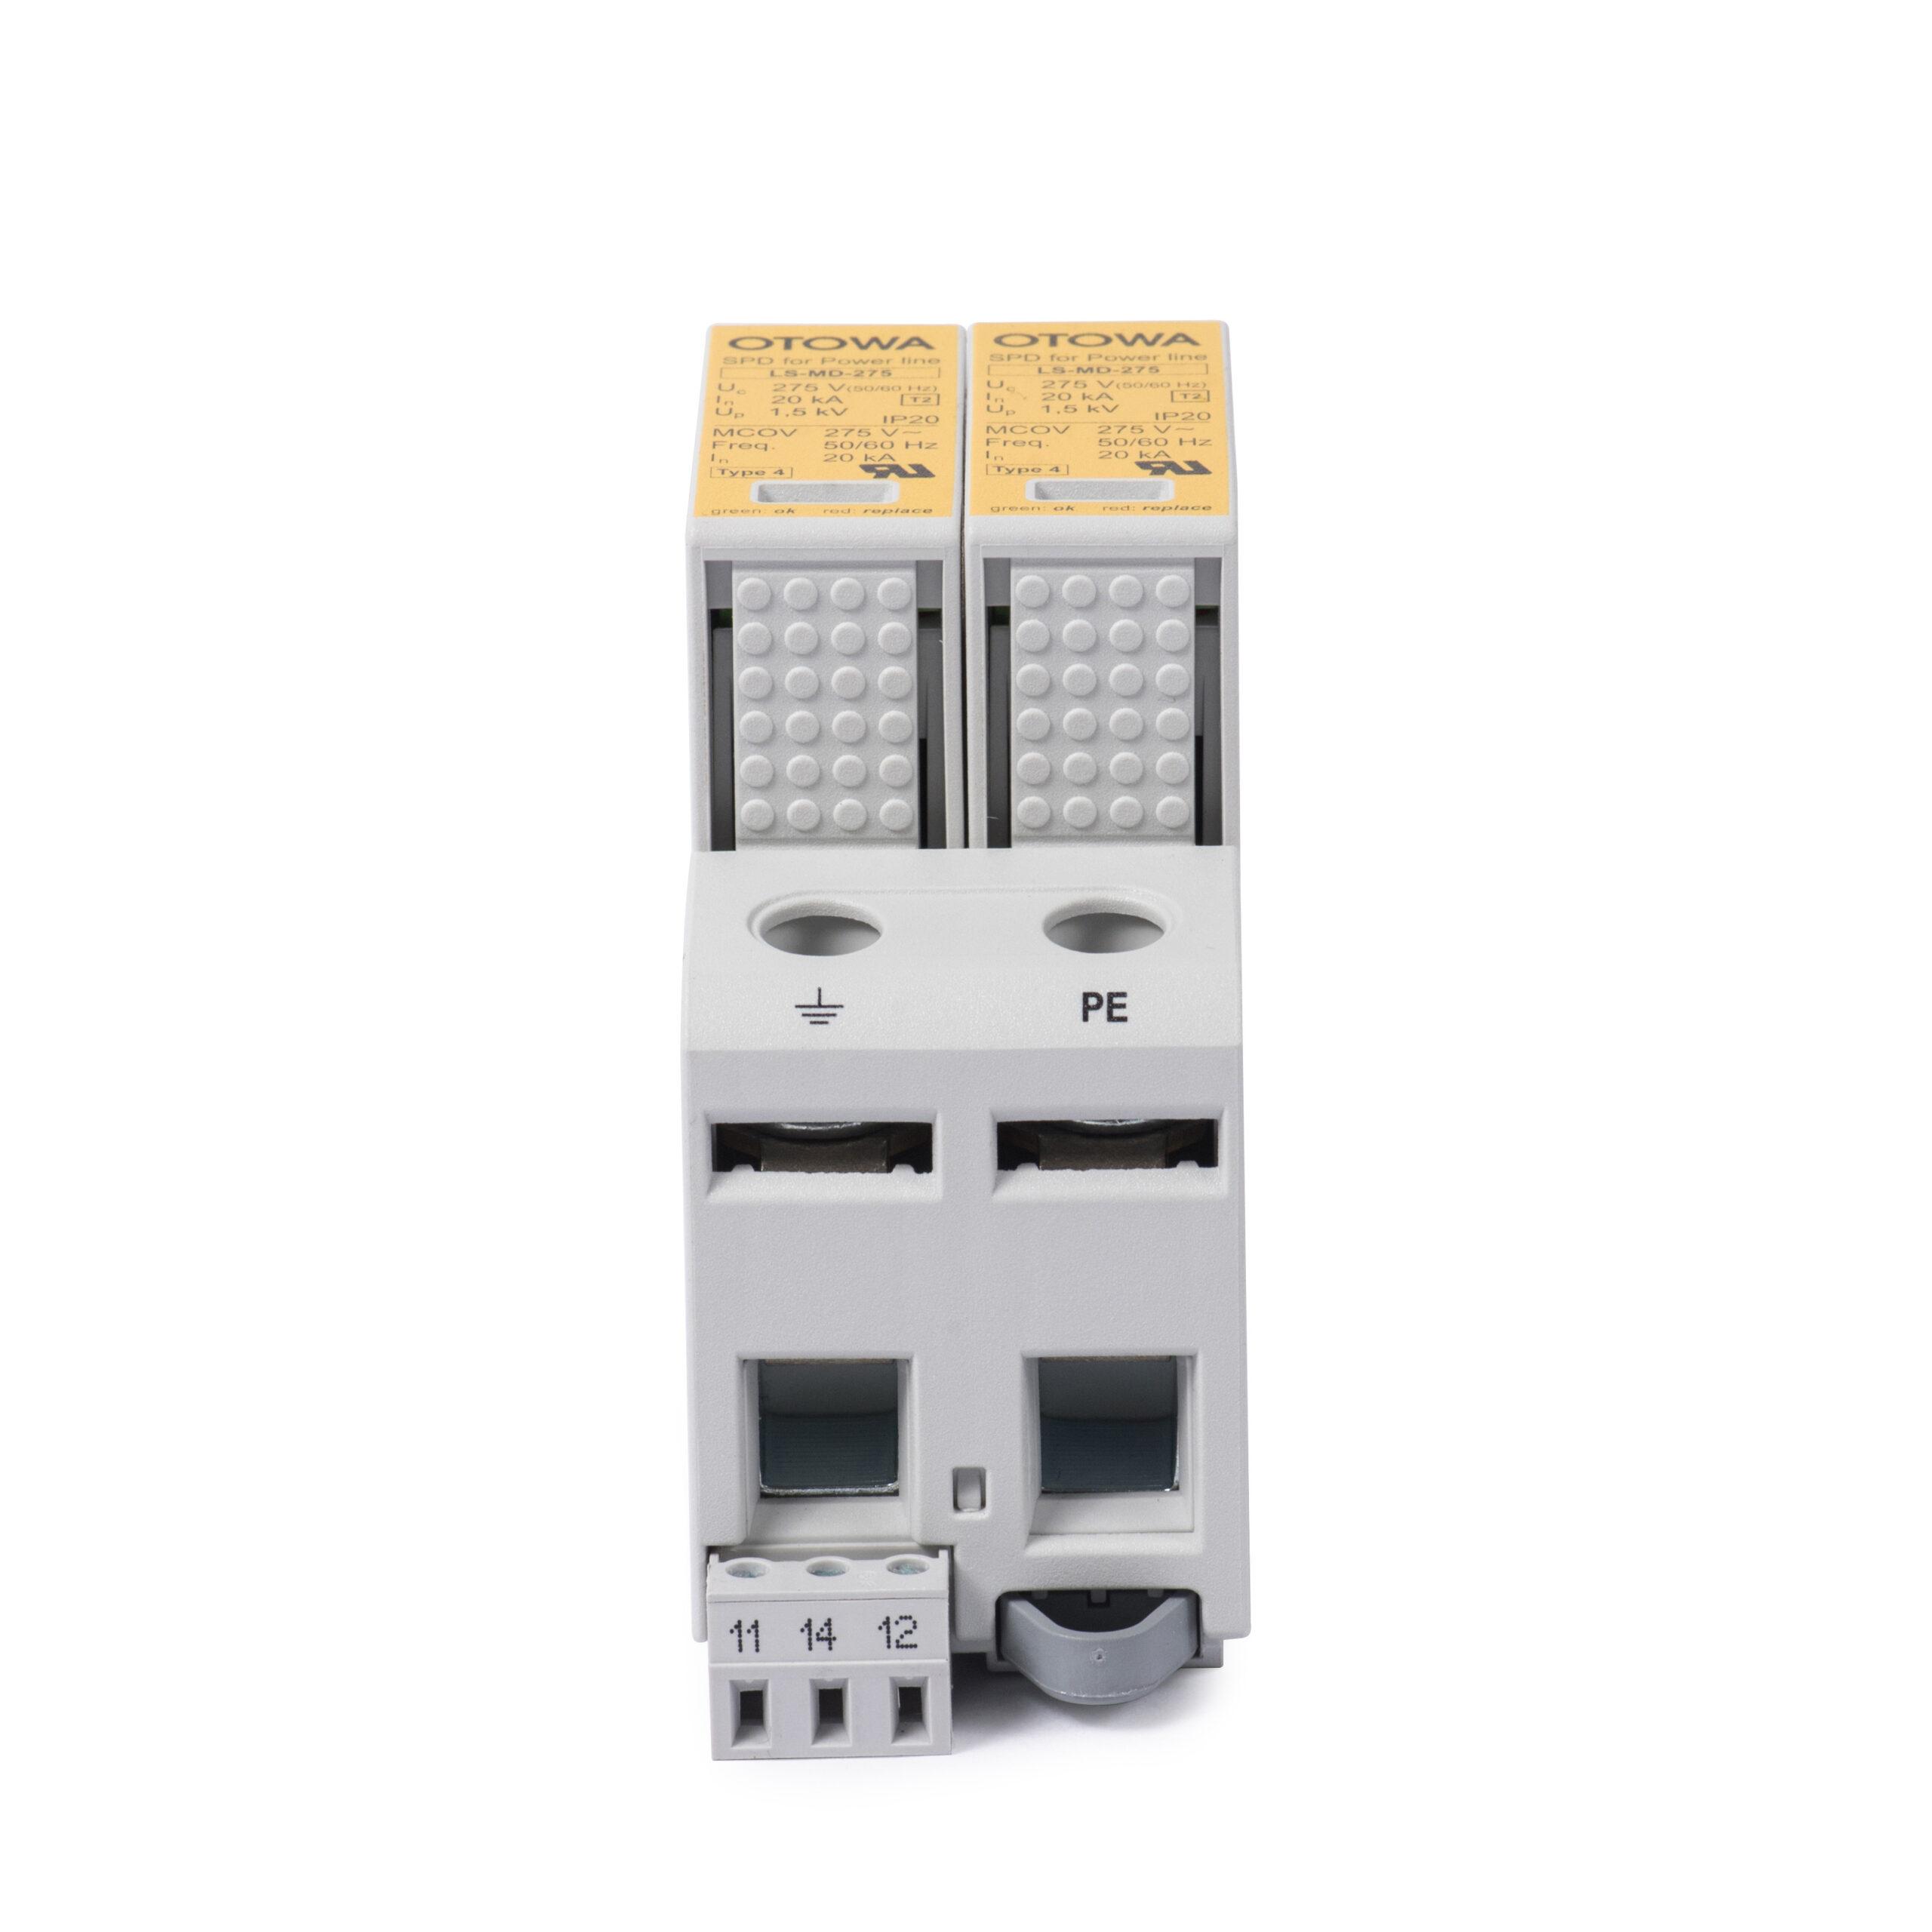 Otowa LS-N2720S phù hợp cho tủ tổng cấp 2, có điện áp định mức là 230V.